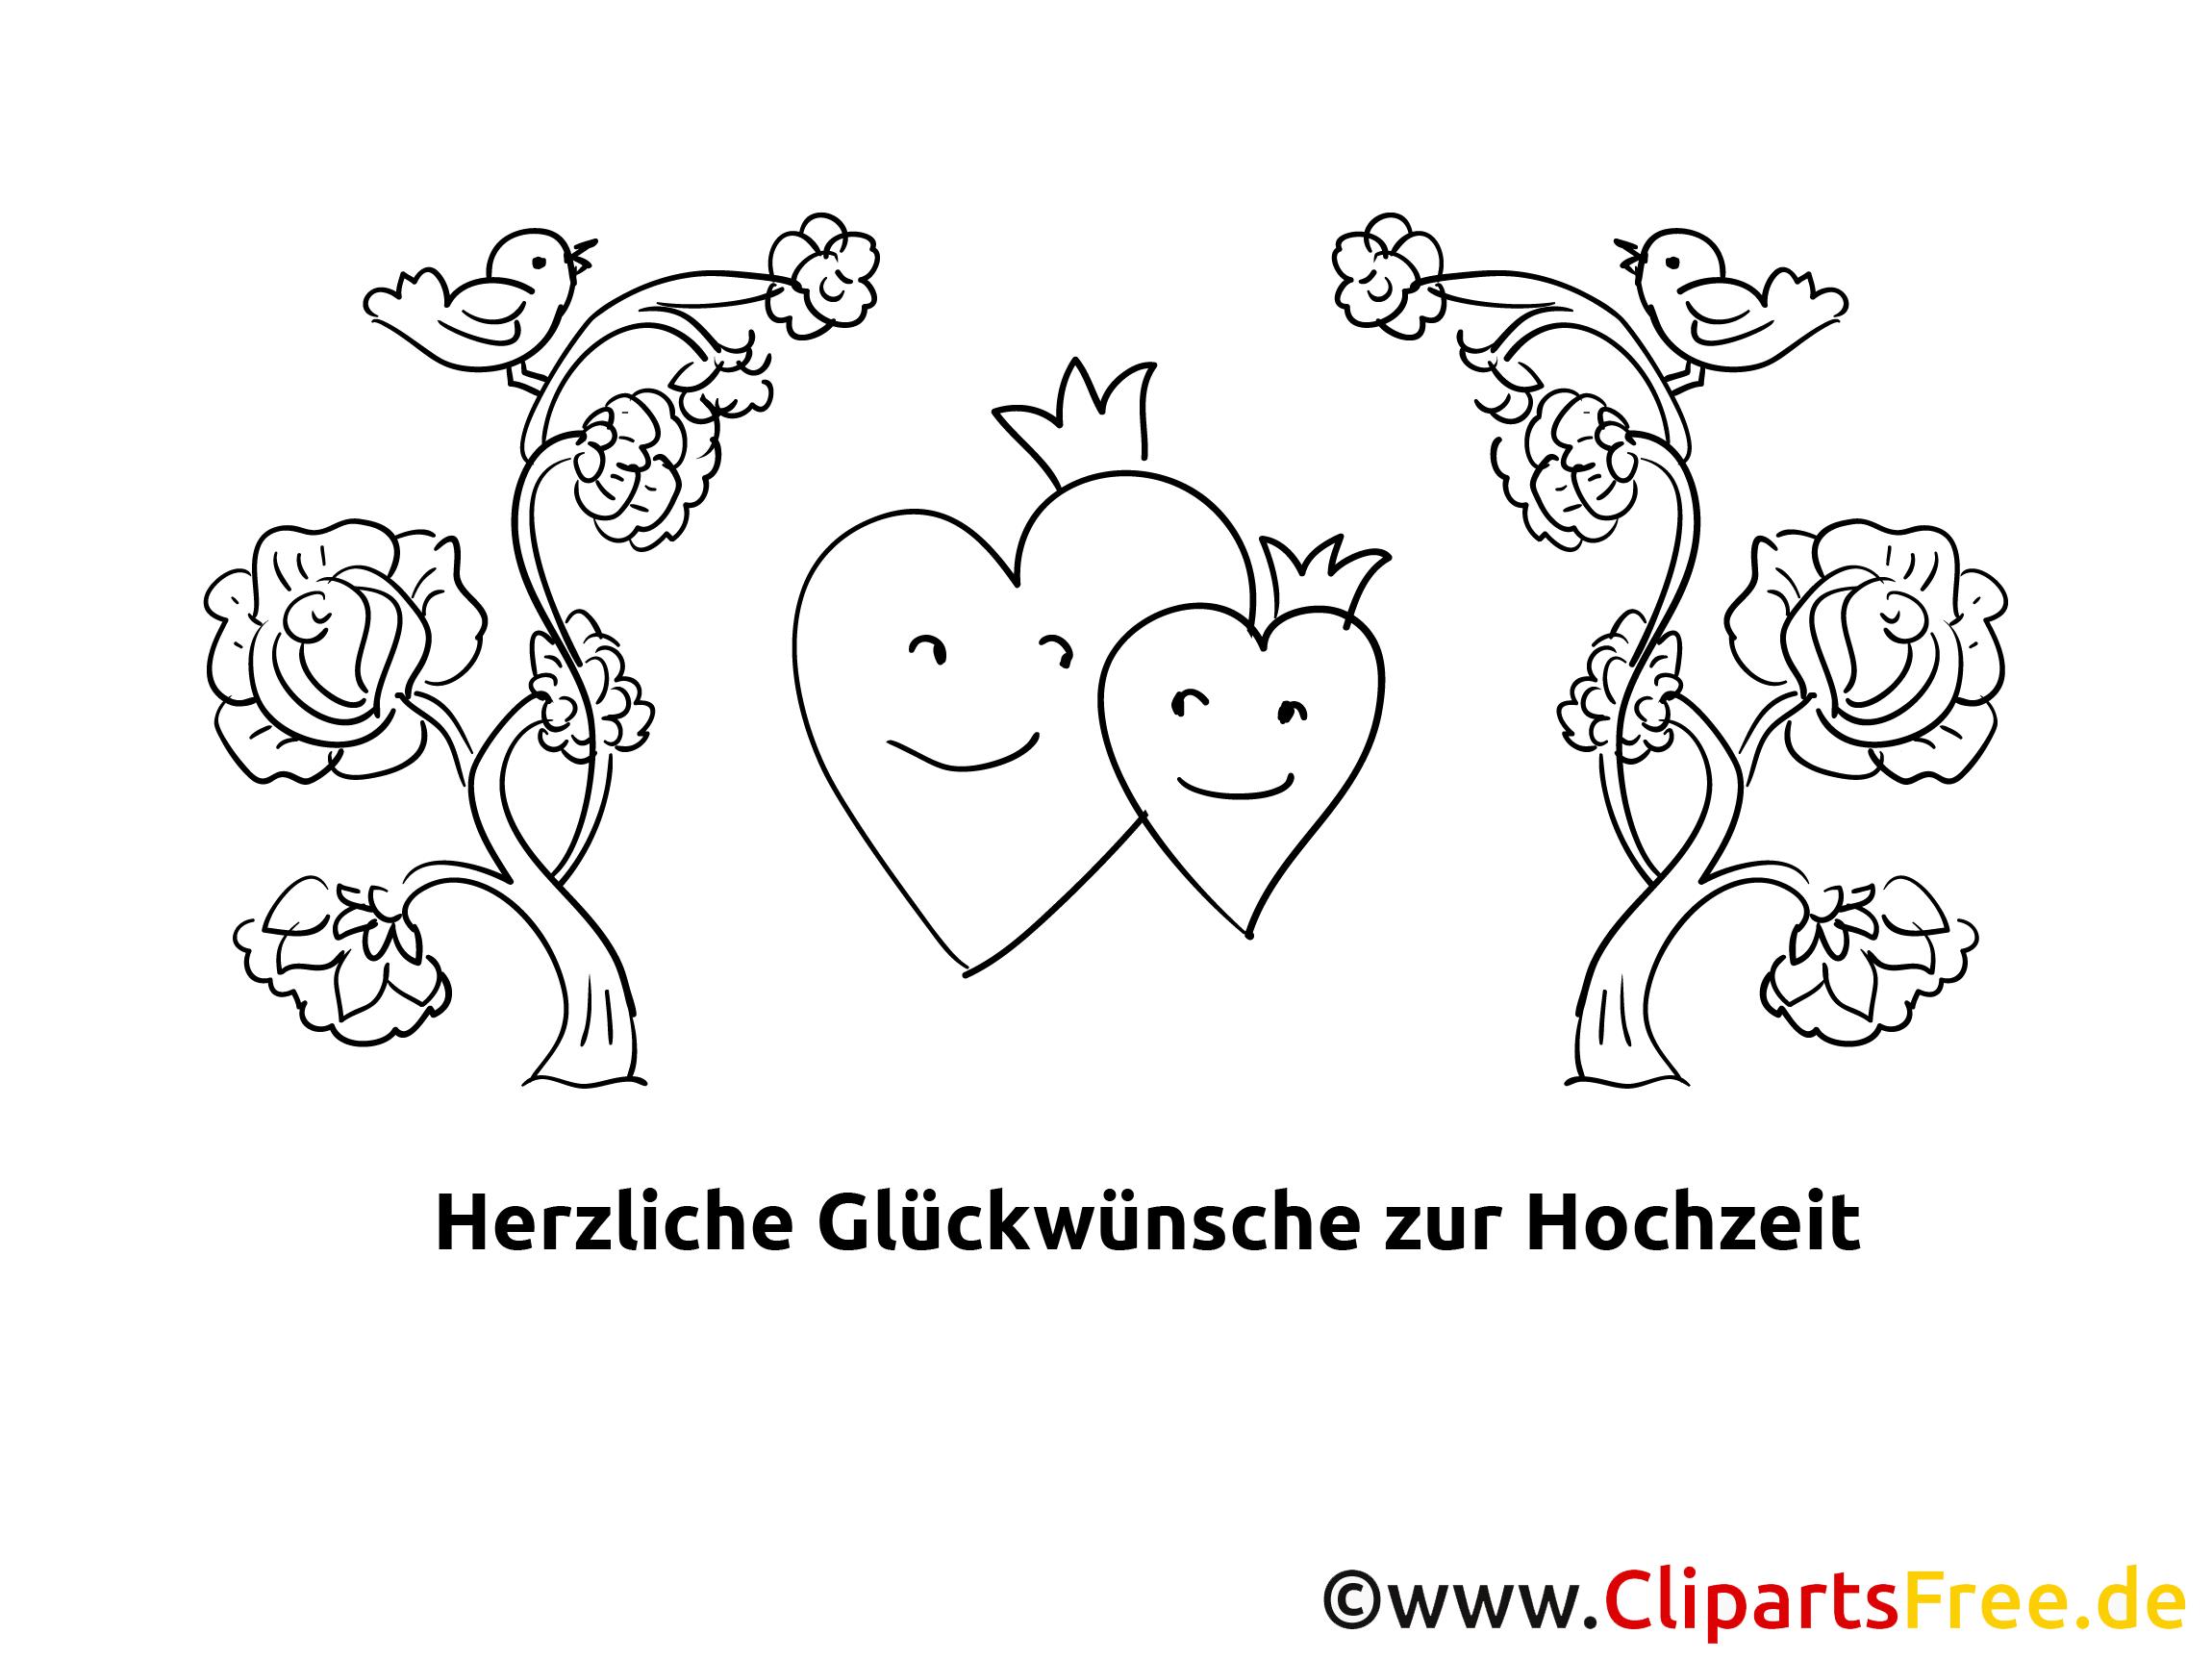 Großzügig Herz Friedenszeichen Malvorlagen Bilder - Entry Level ...